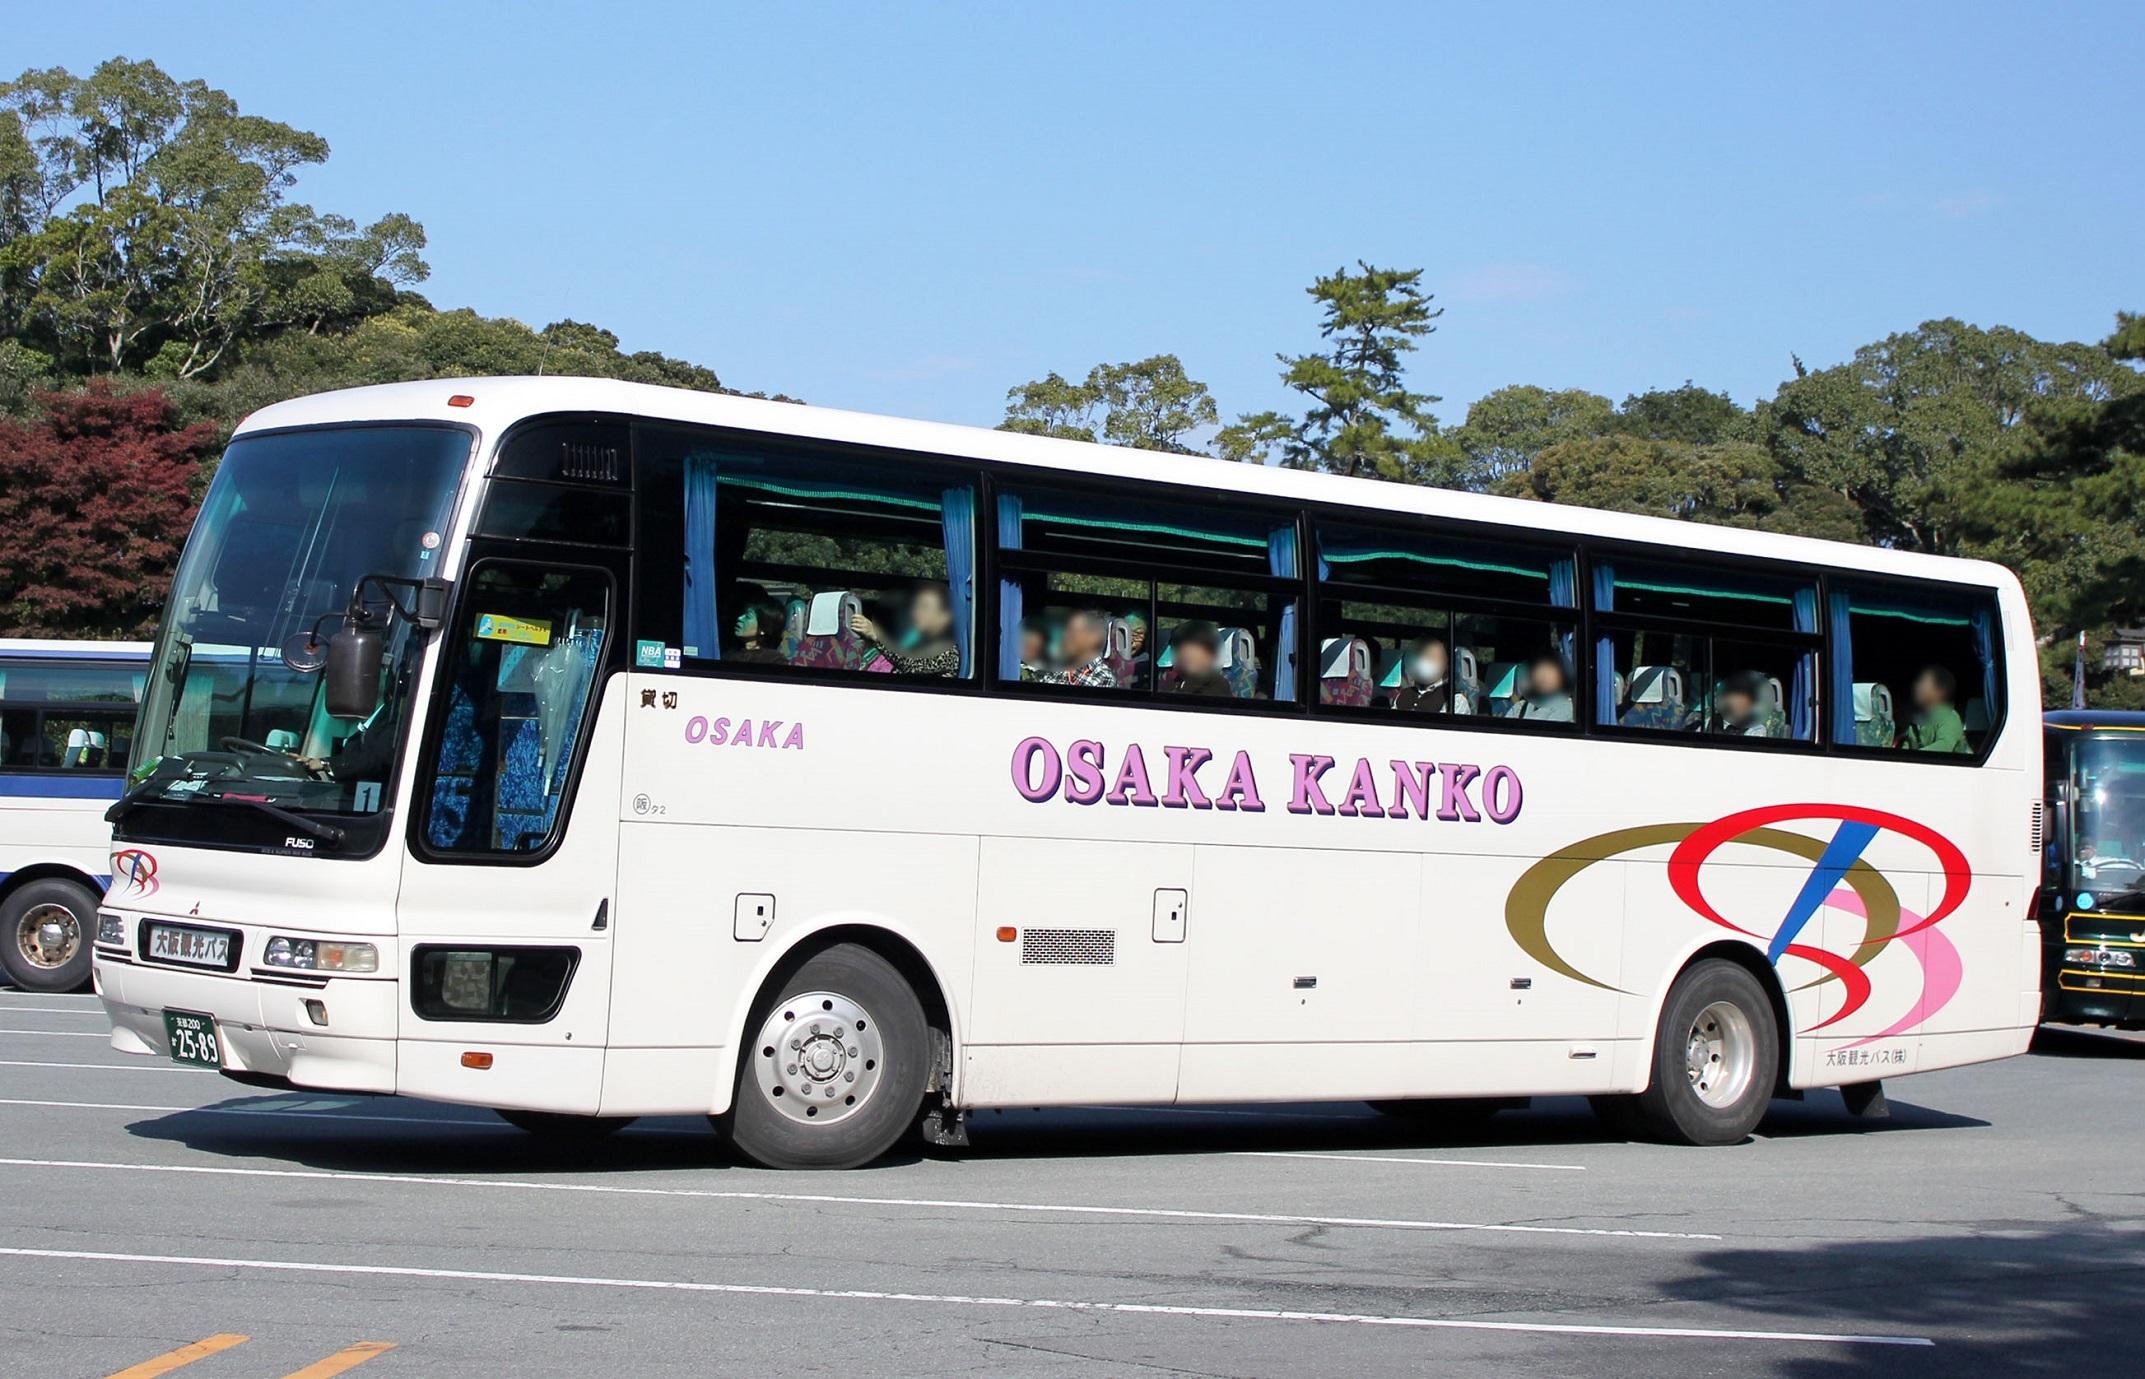 大阪観光バス か2589